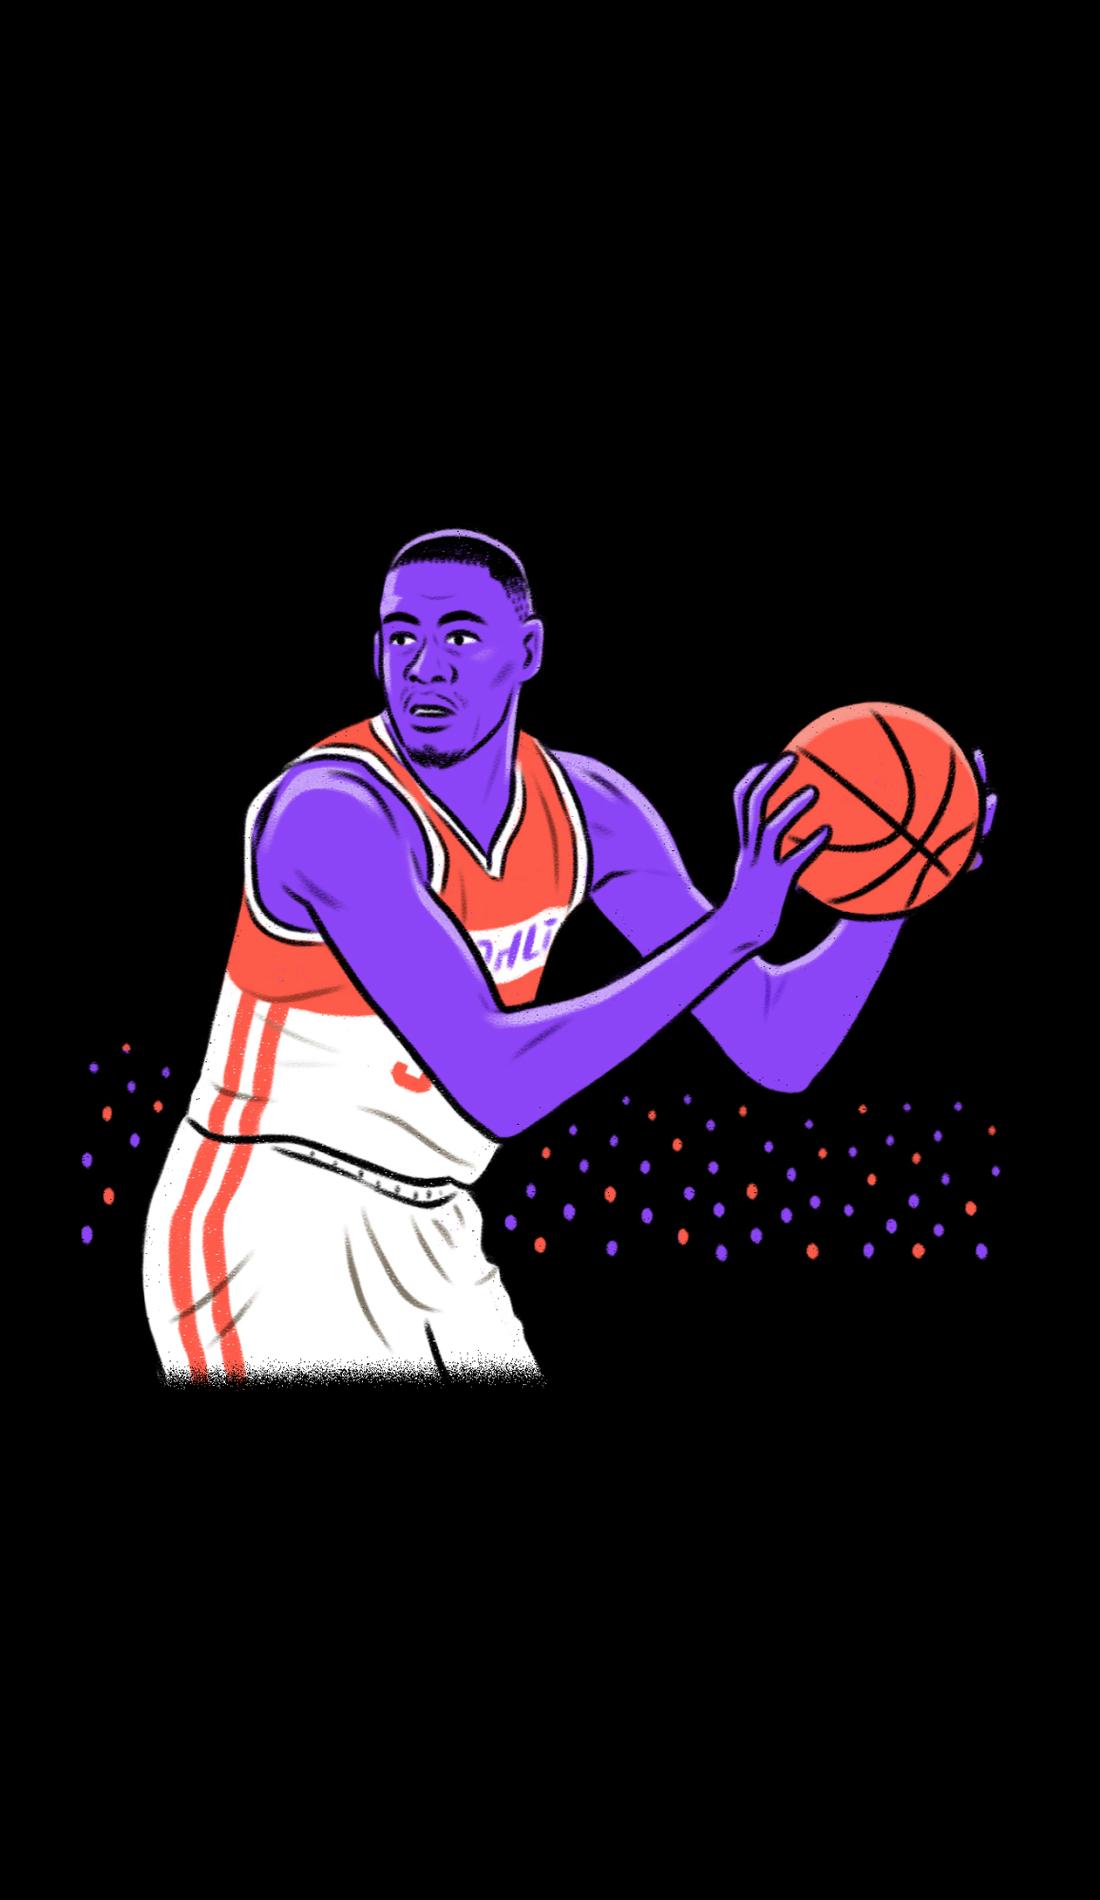 A South Carolina Gamecocks Basketball live event